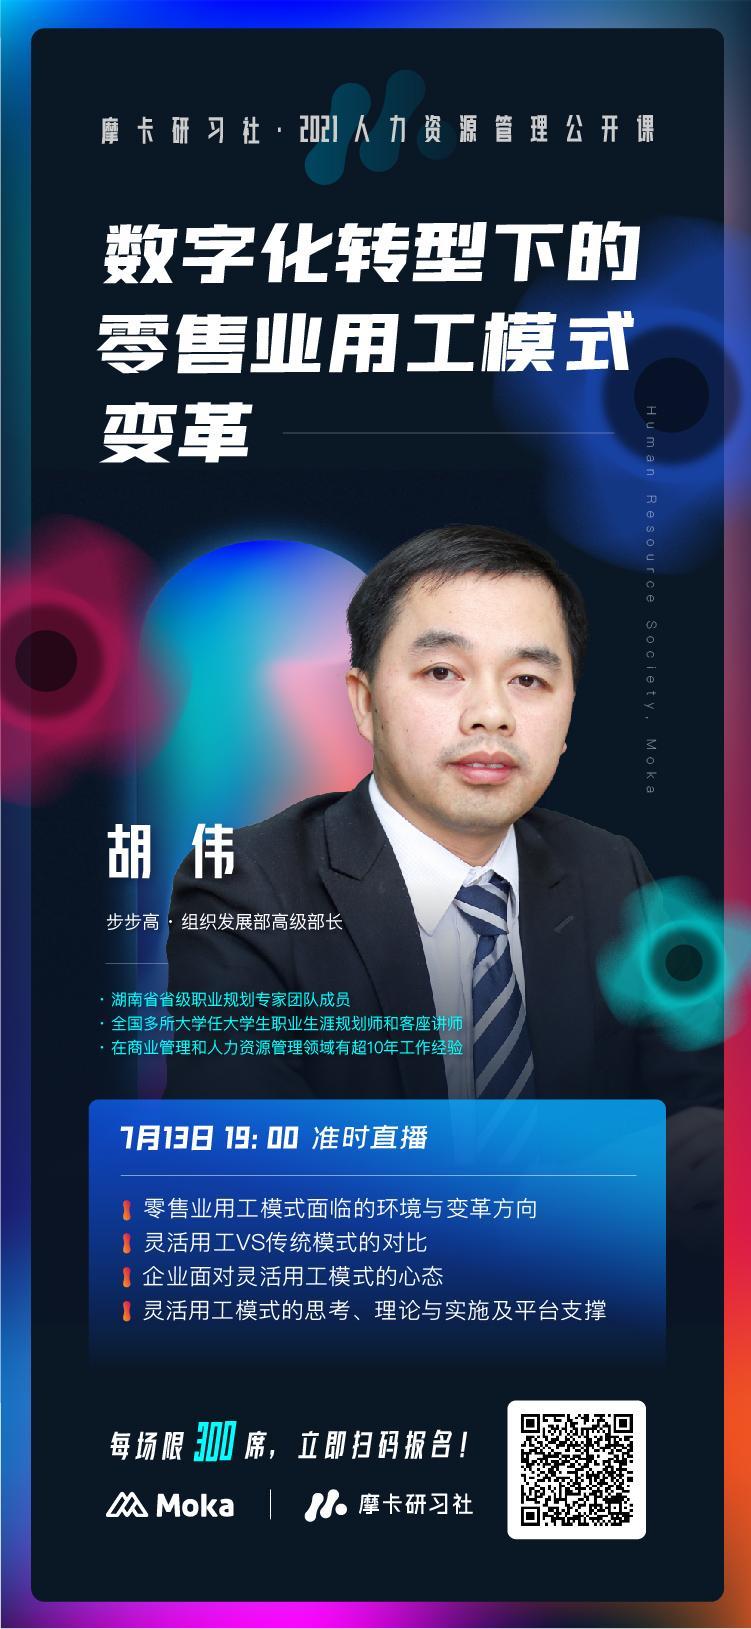 2021人力资源公开课海报_6月胡伟1_20210714043750.jpg